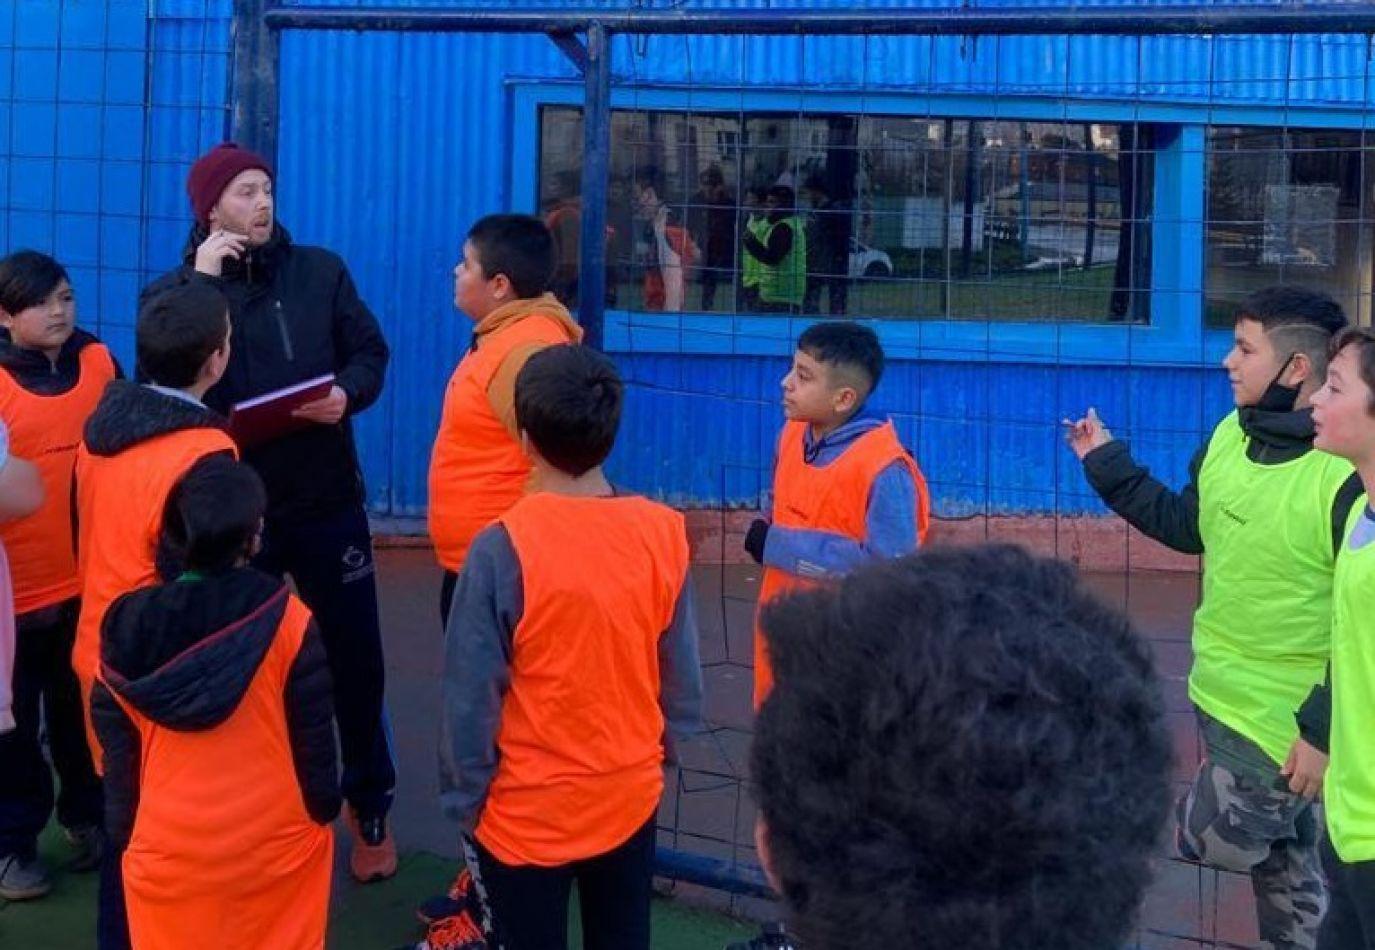 Municipio de Ushuaia inició torneo de fútbol en el B° 245 viviendas